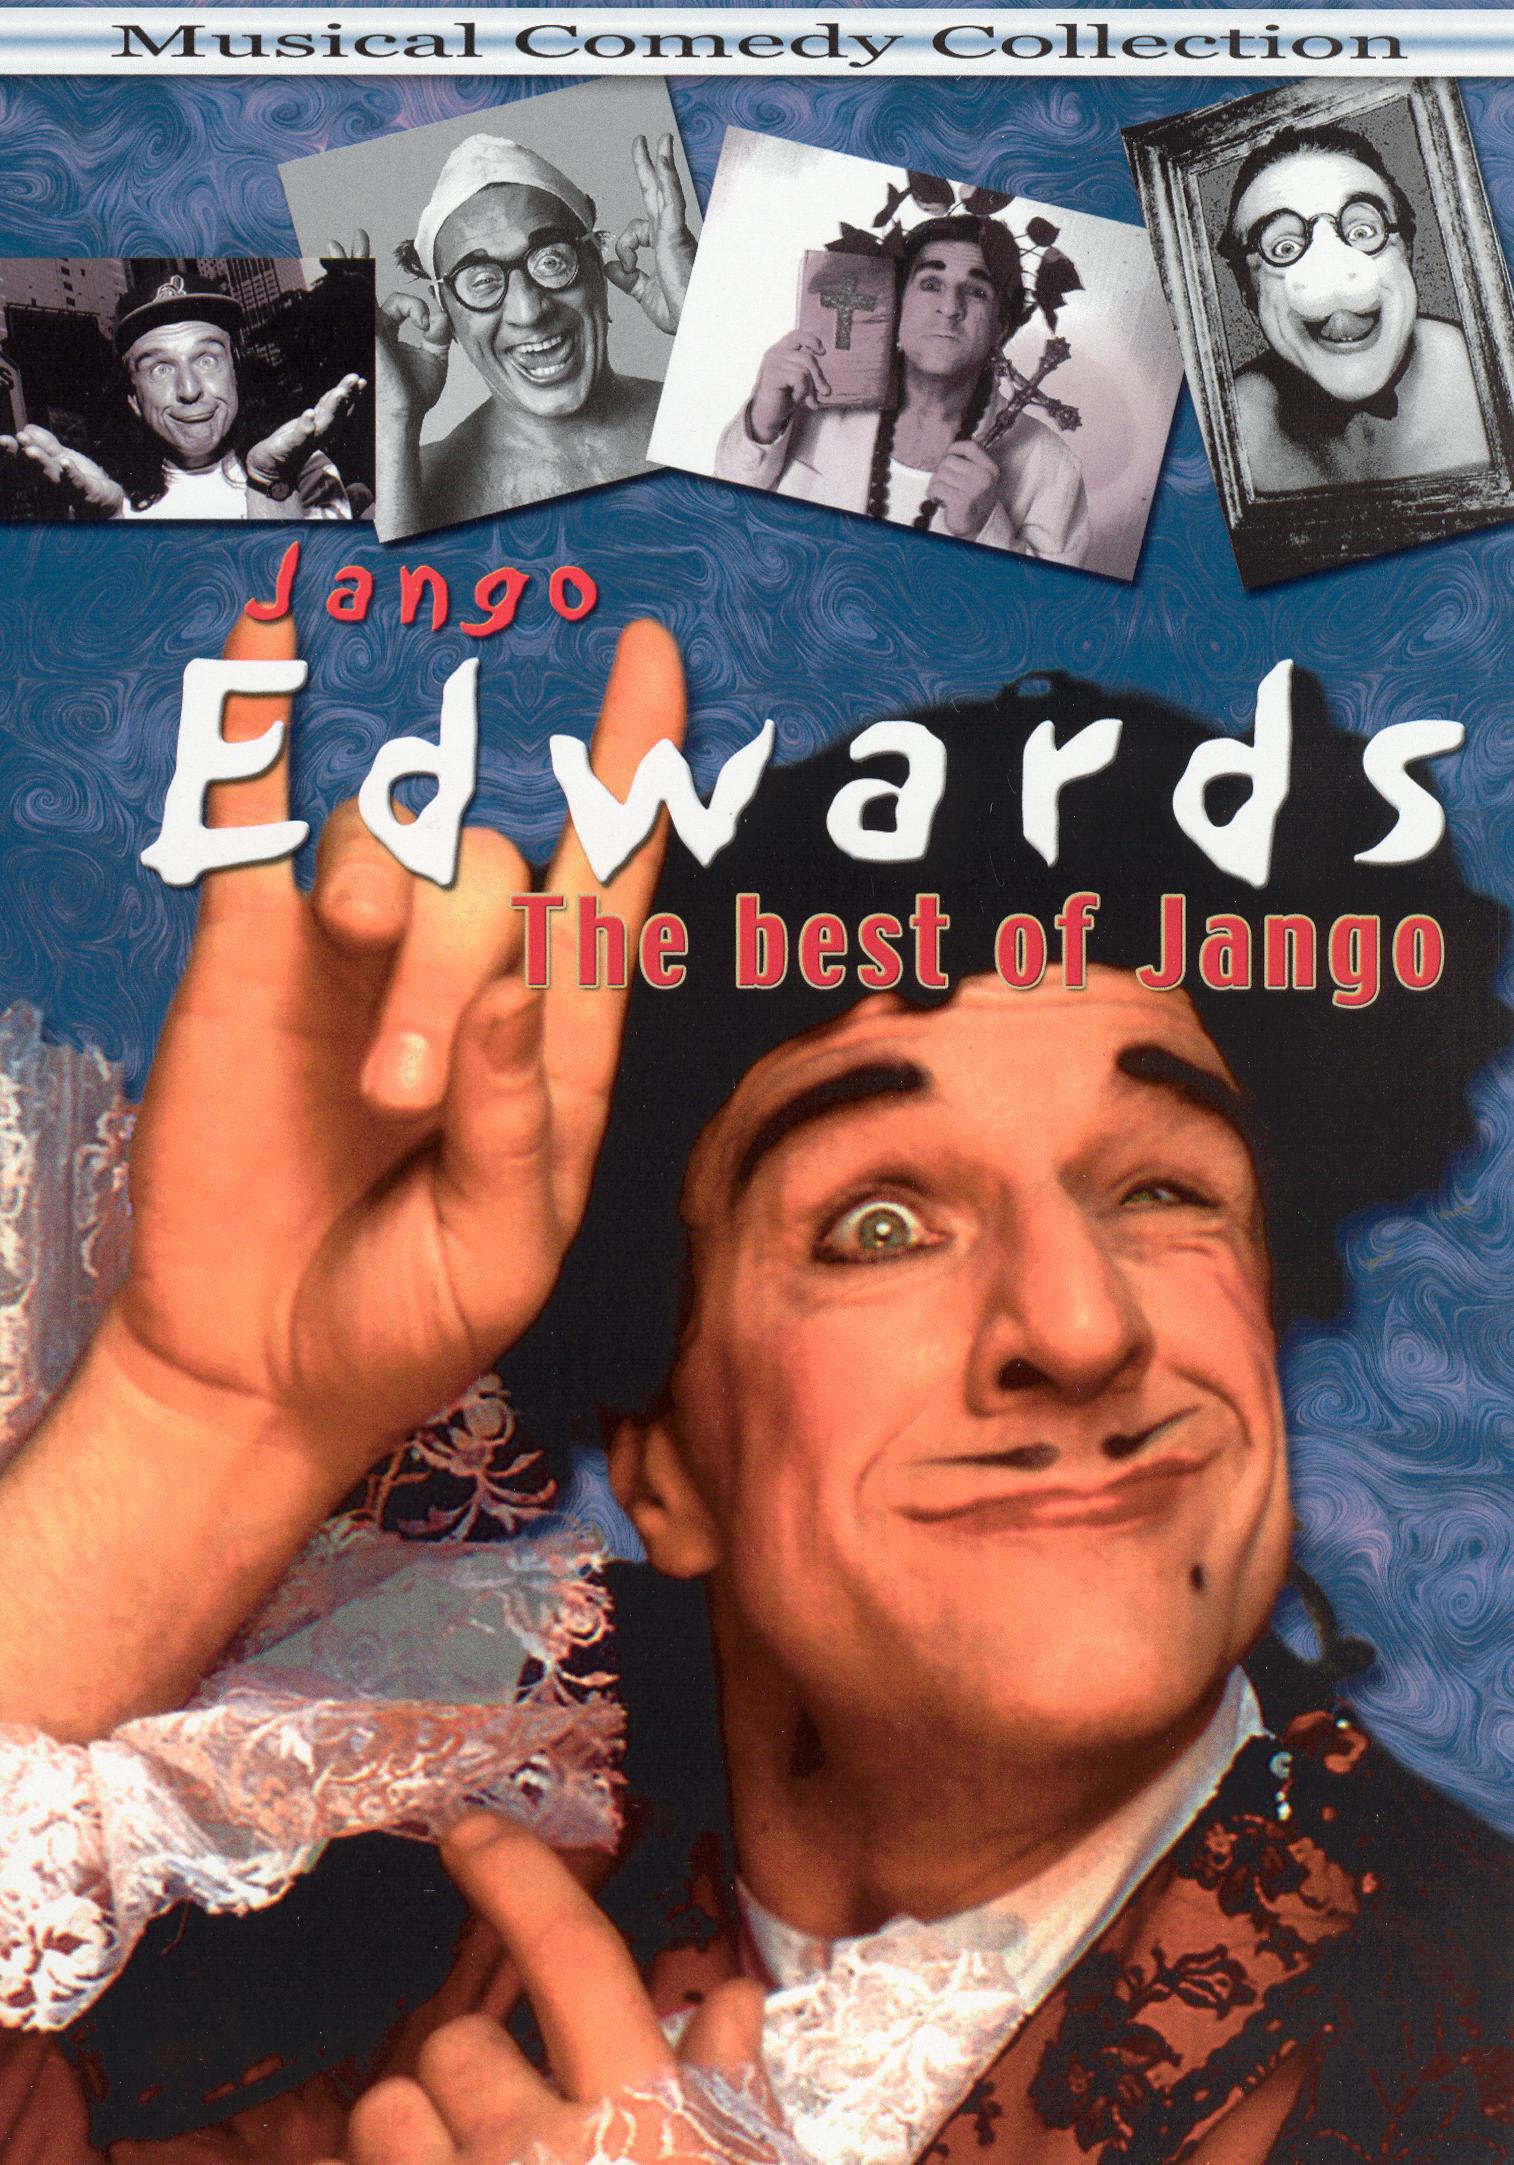 Jango Edwards: The Best of Jango